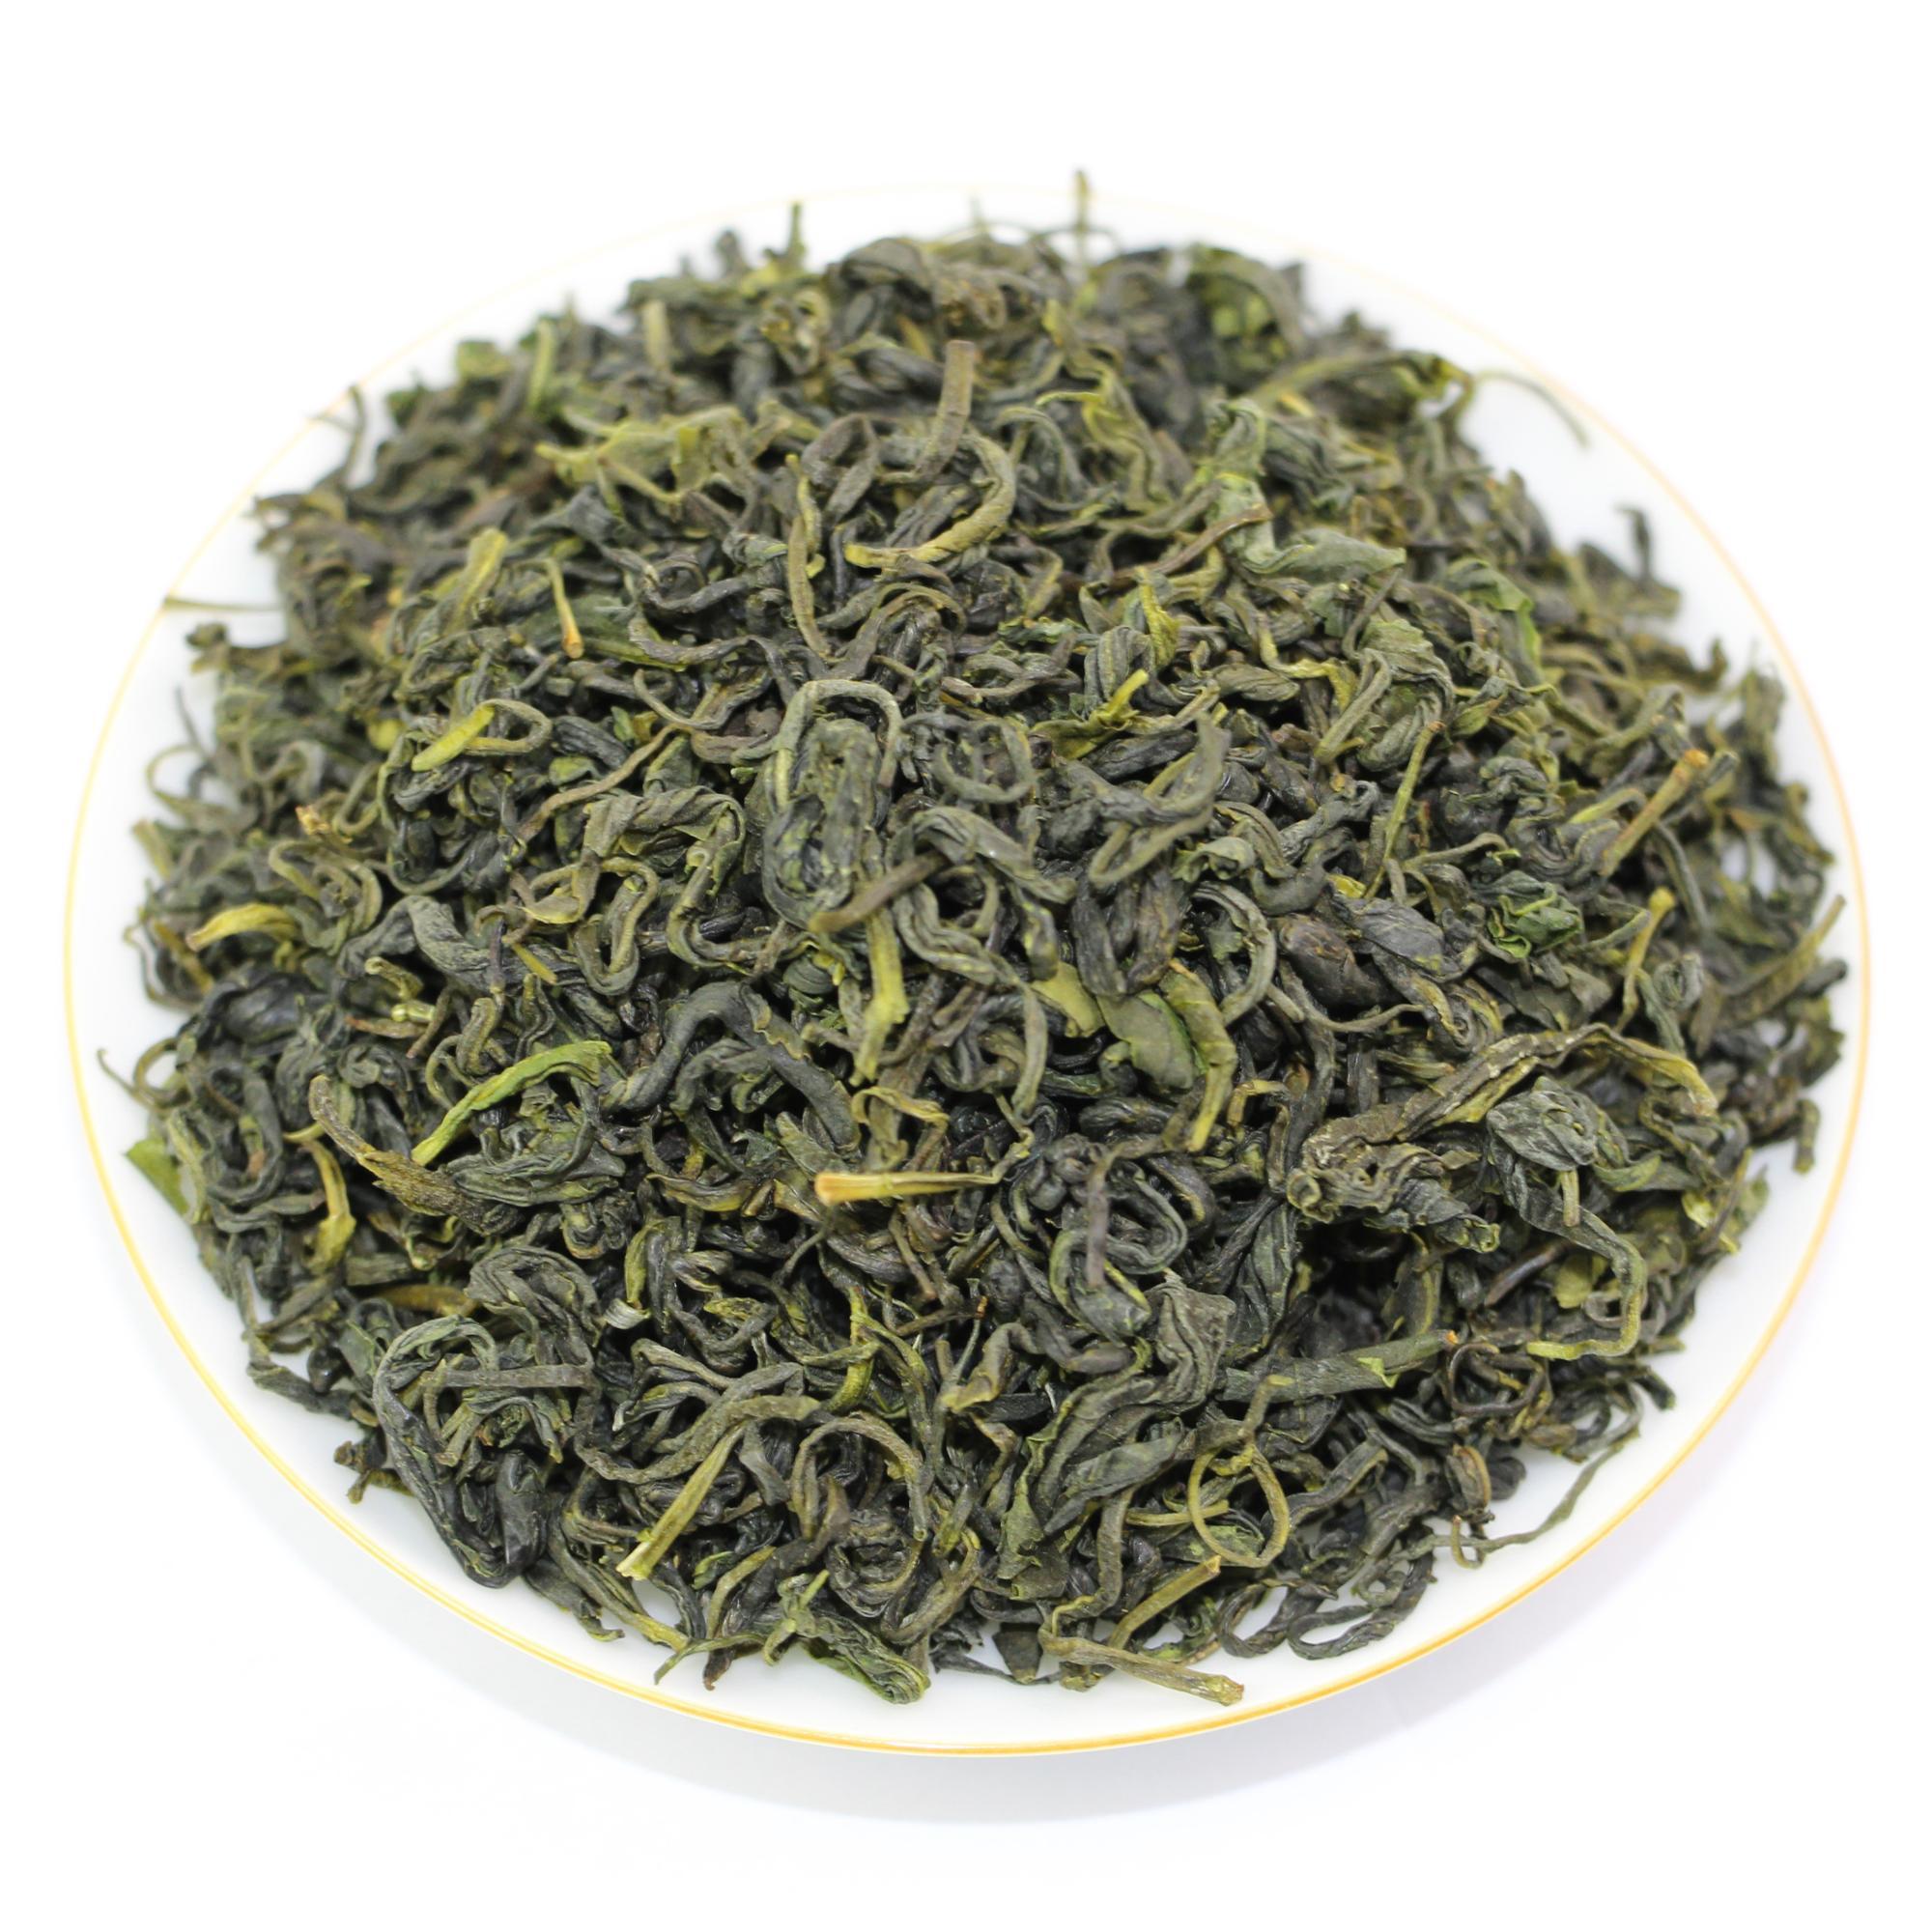 D-A maojianオーガニック緑茶1 kgあたりの緑茶1 kgあたりの価格